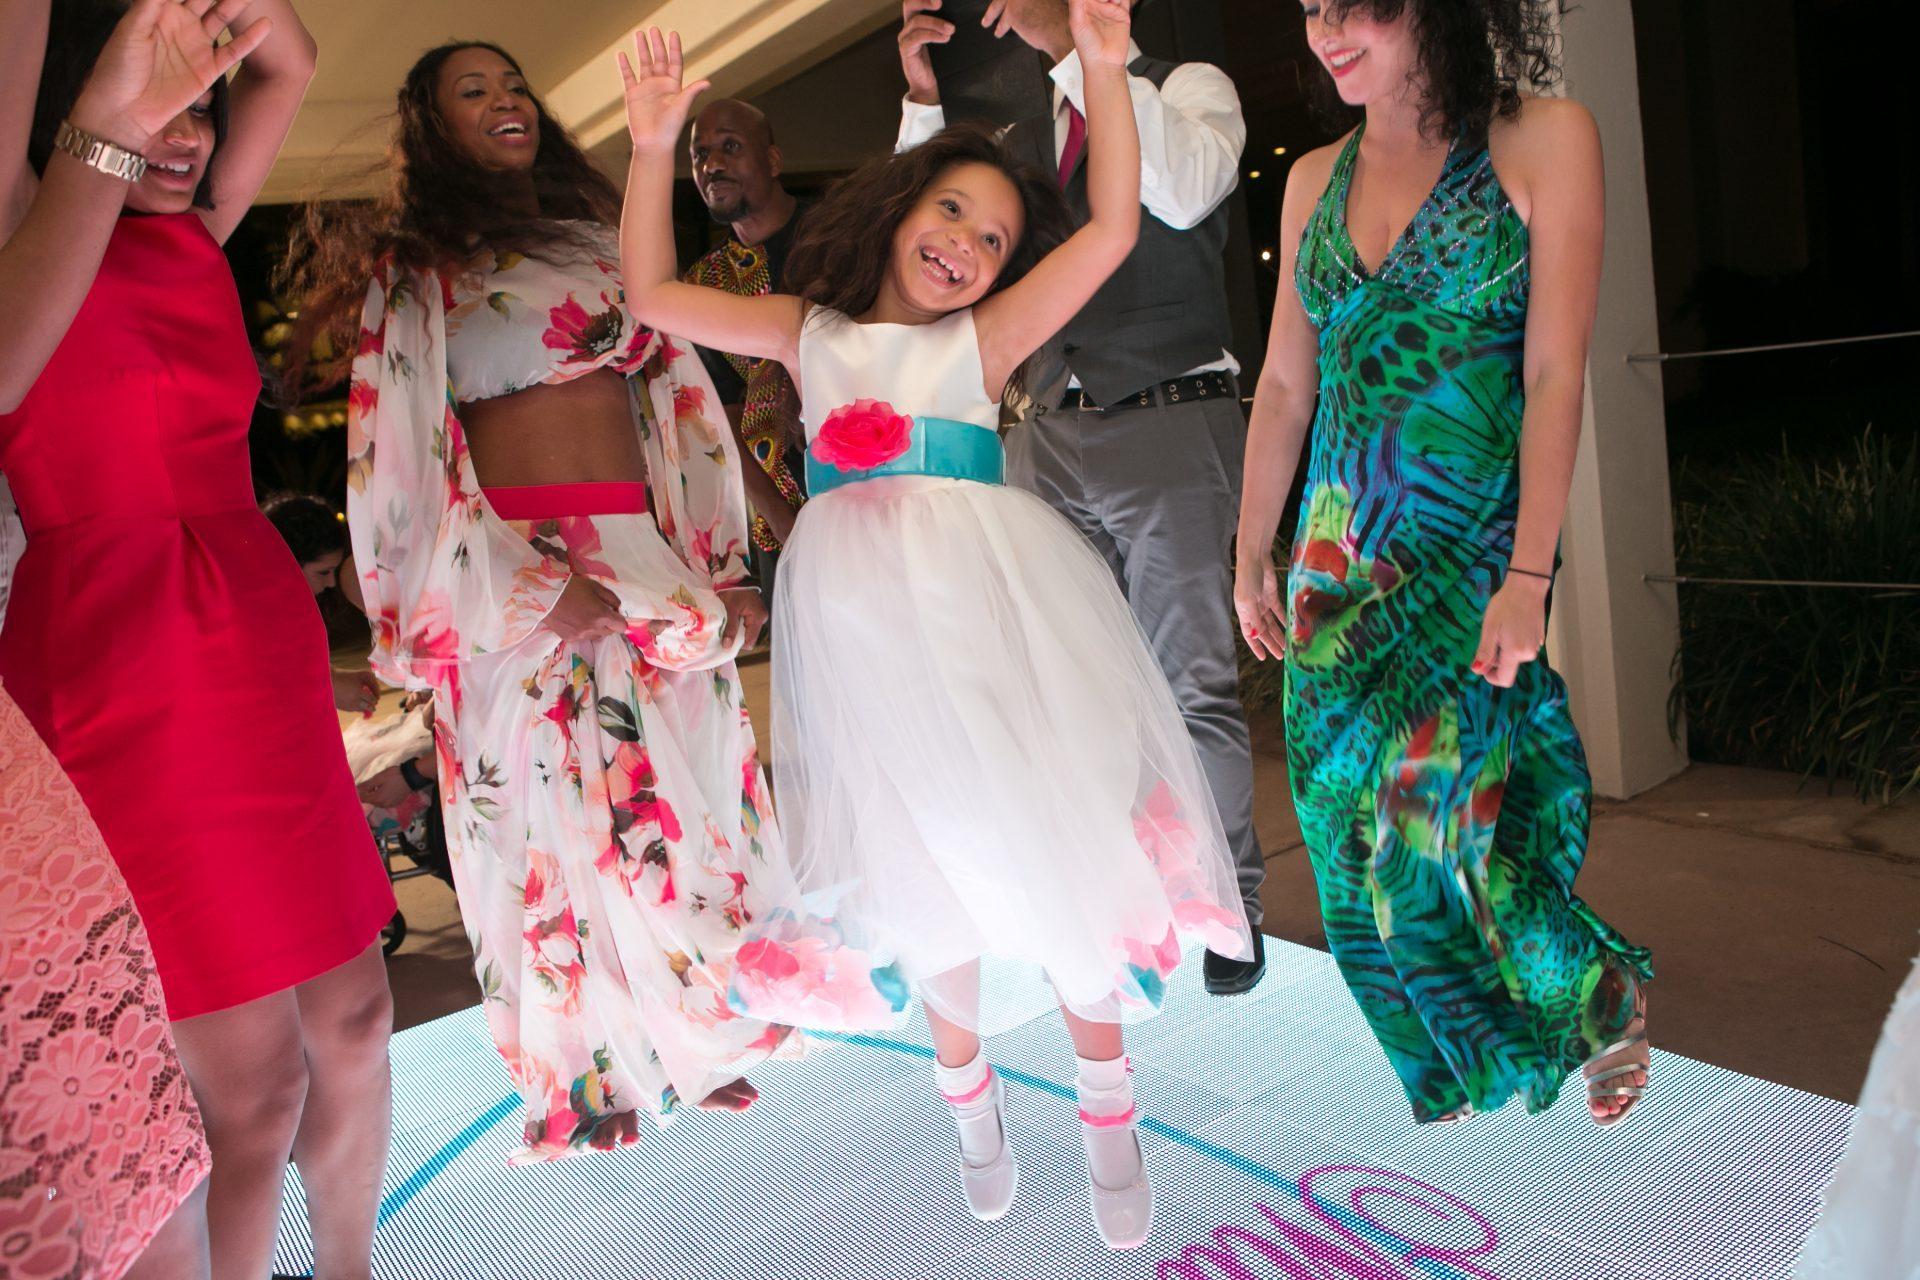 Wedding dancing on a video dance floor